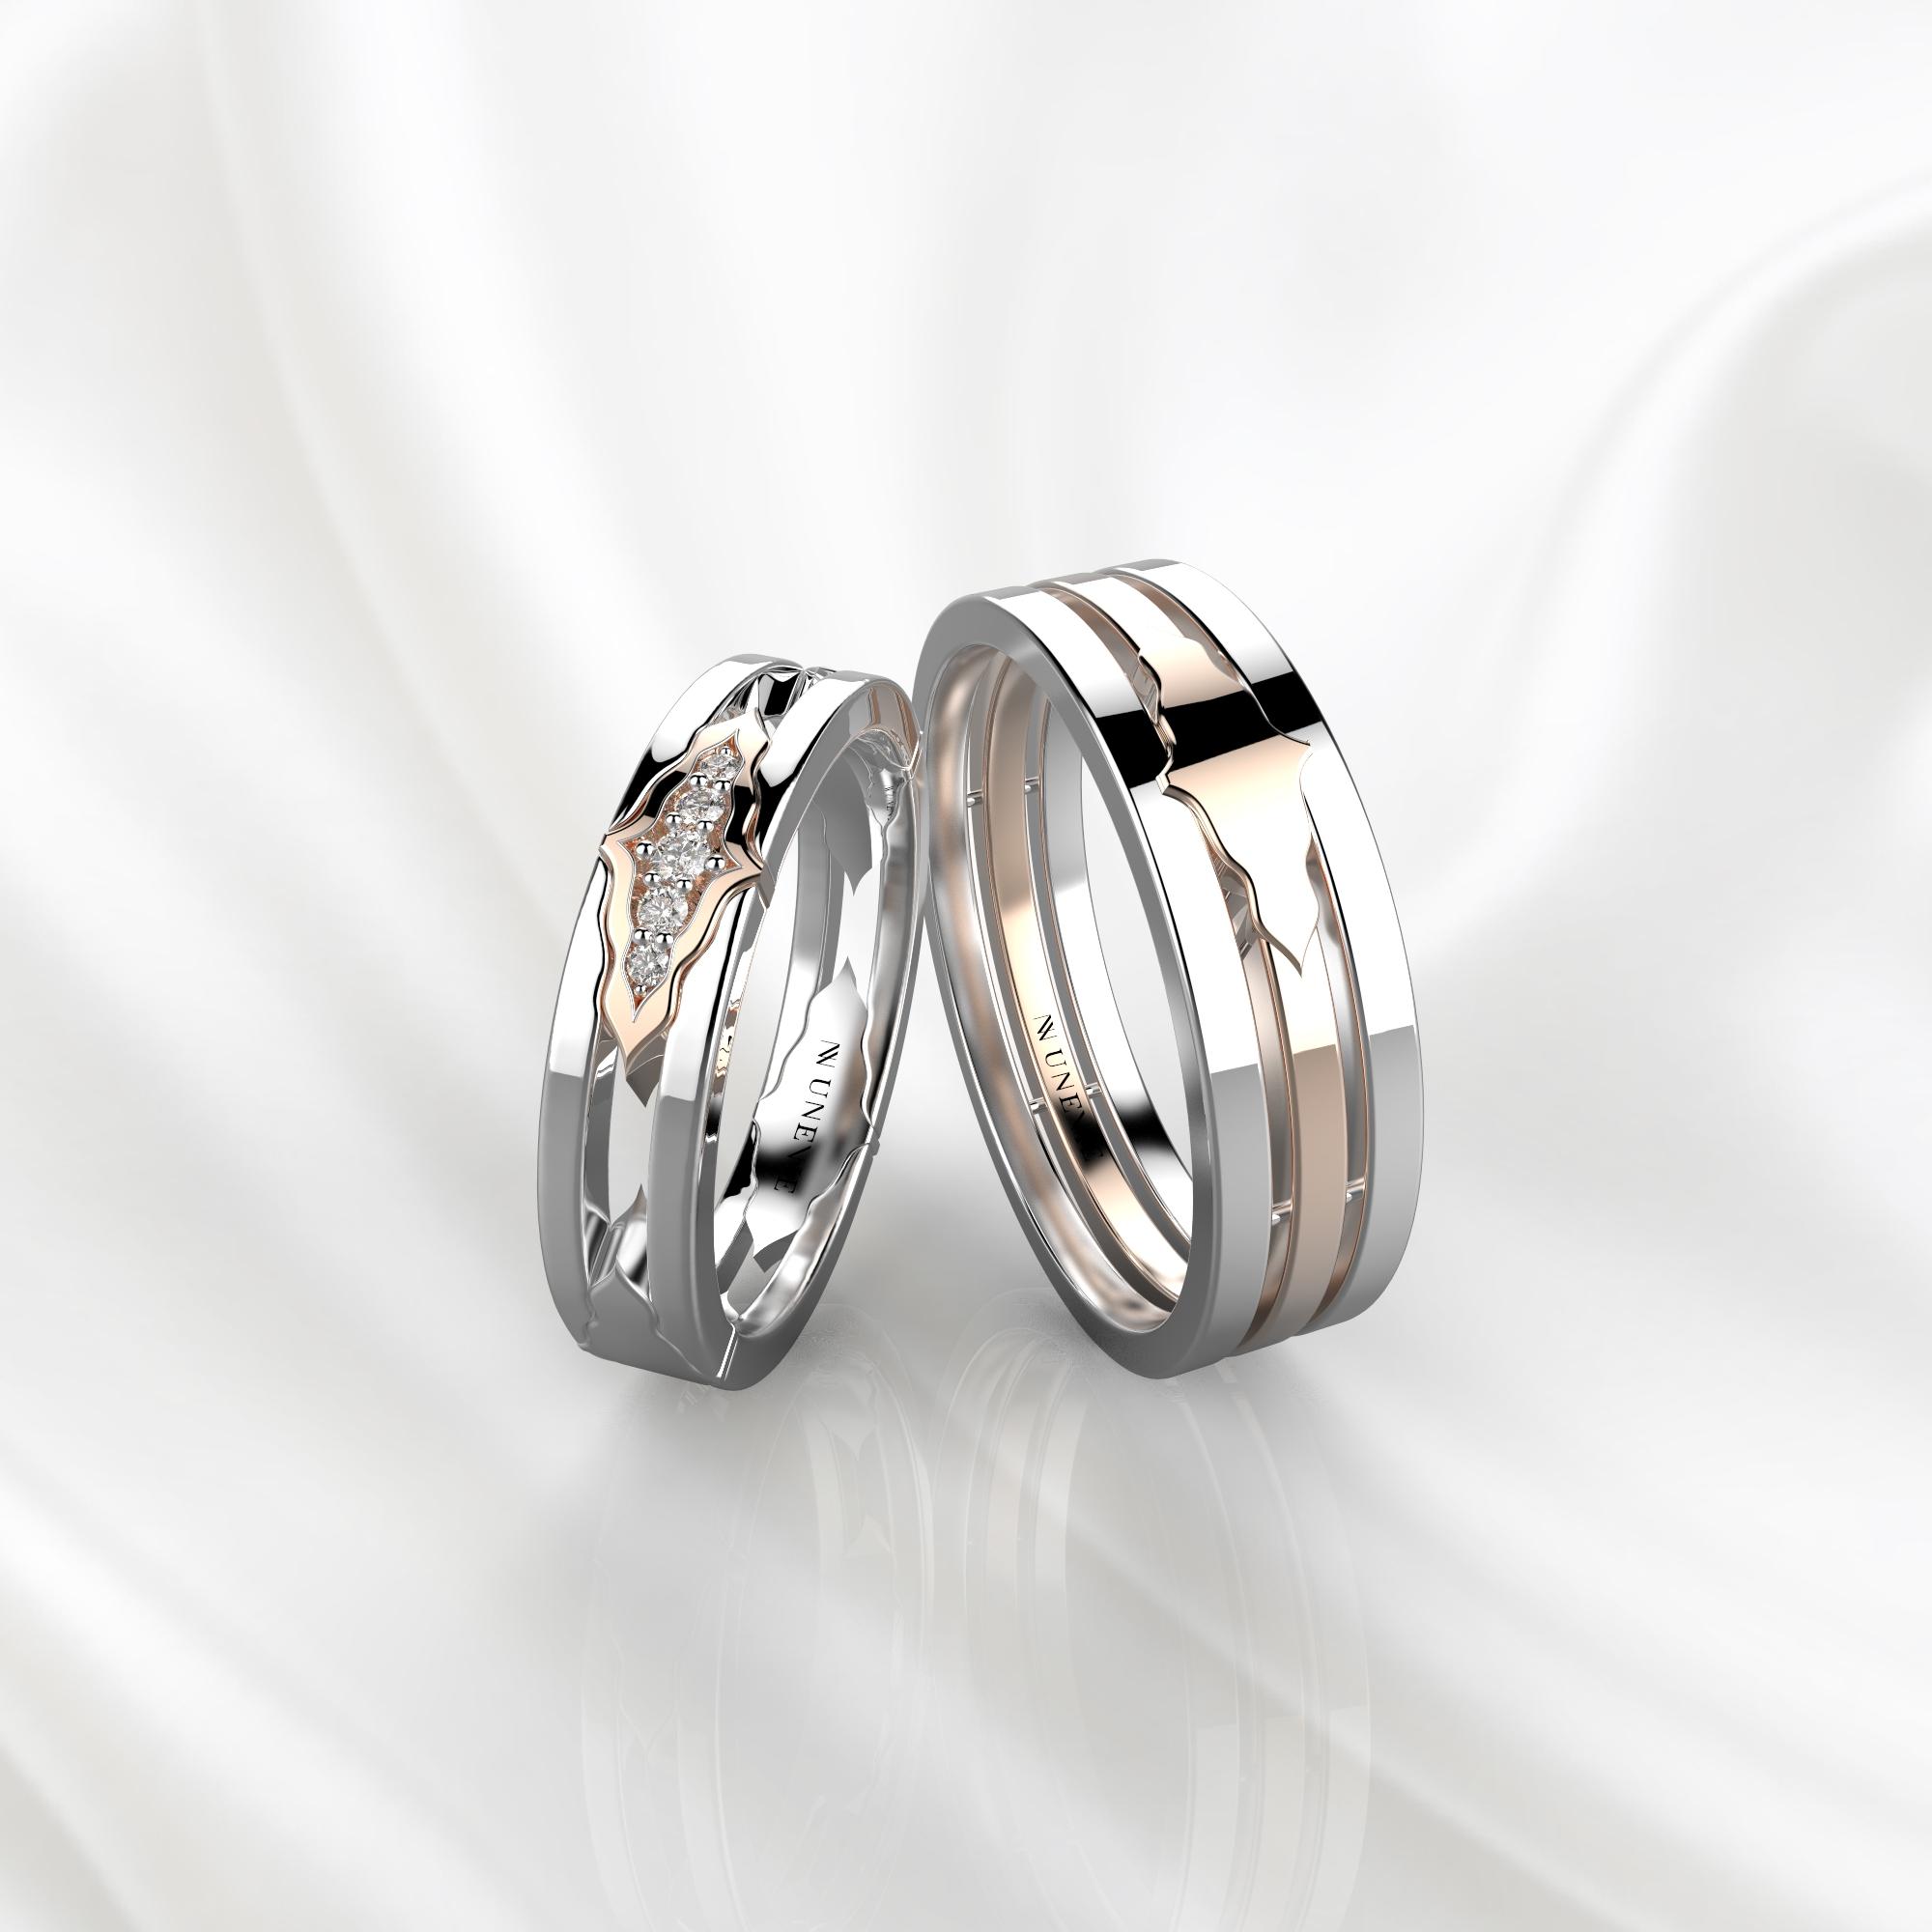 Парные обручальные кольца из бело-розового золота с 5 бриллиантами